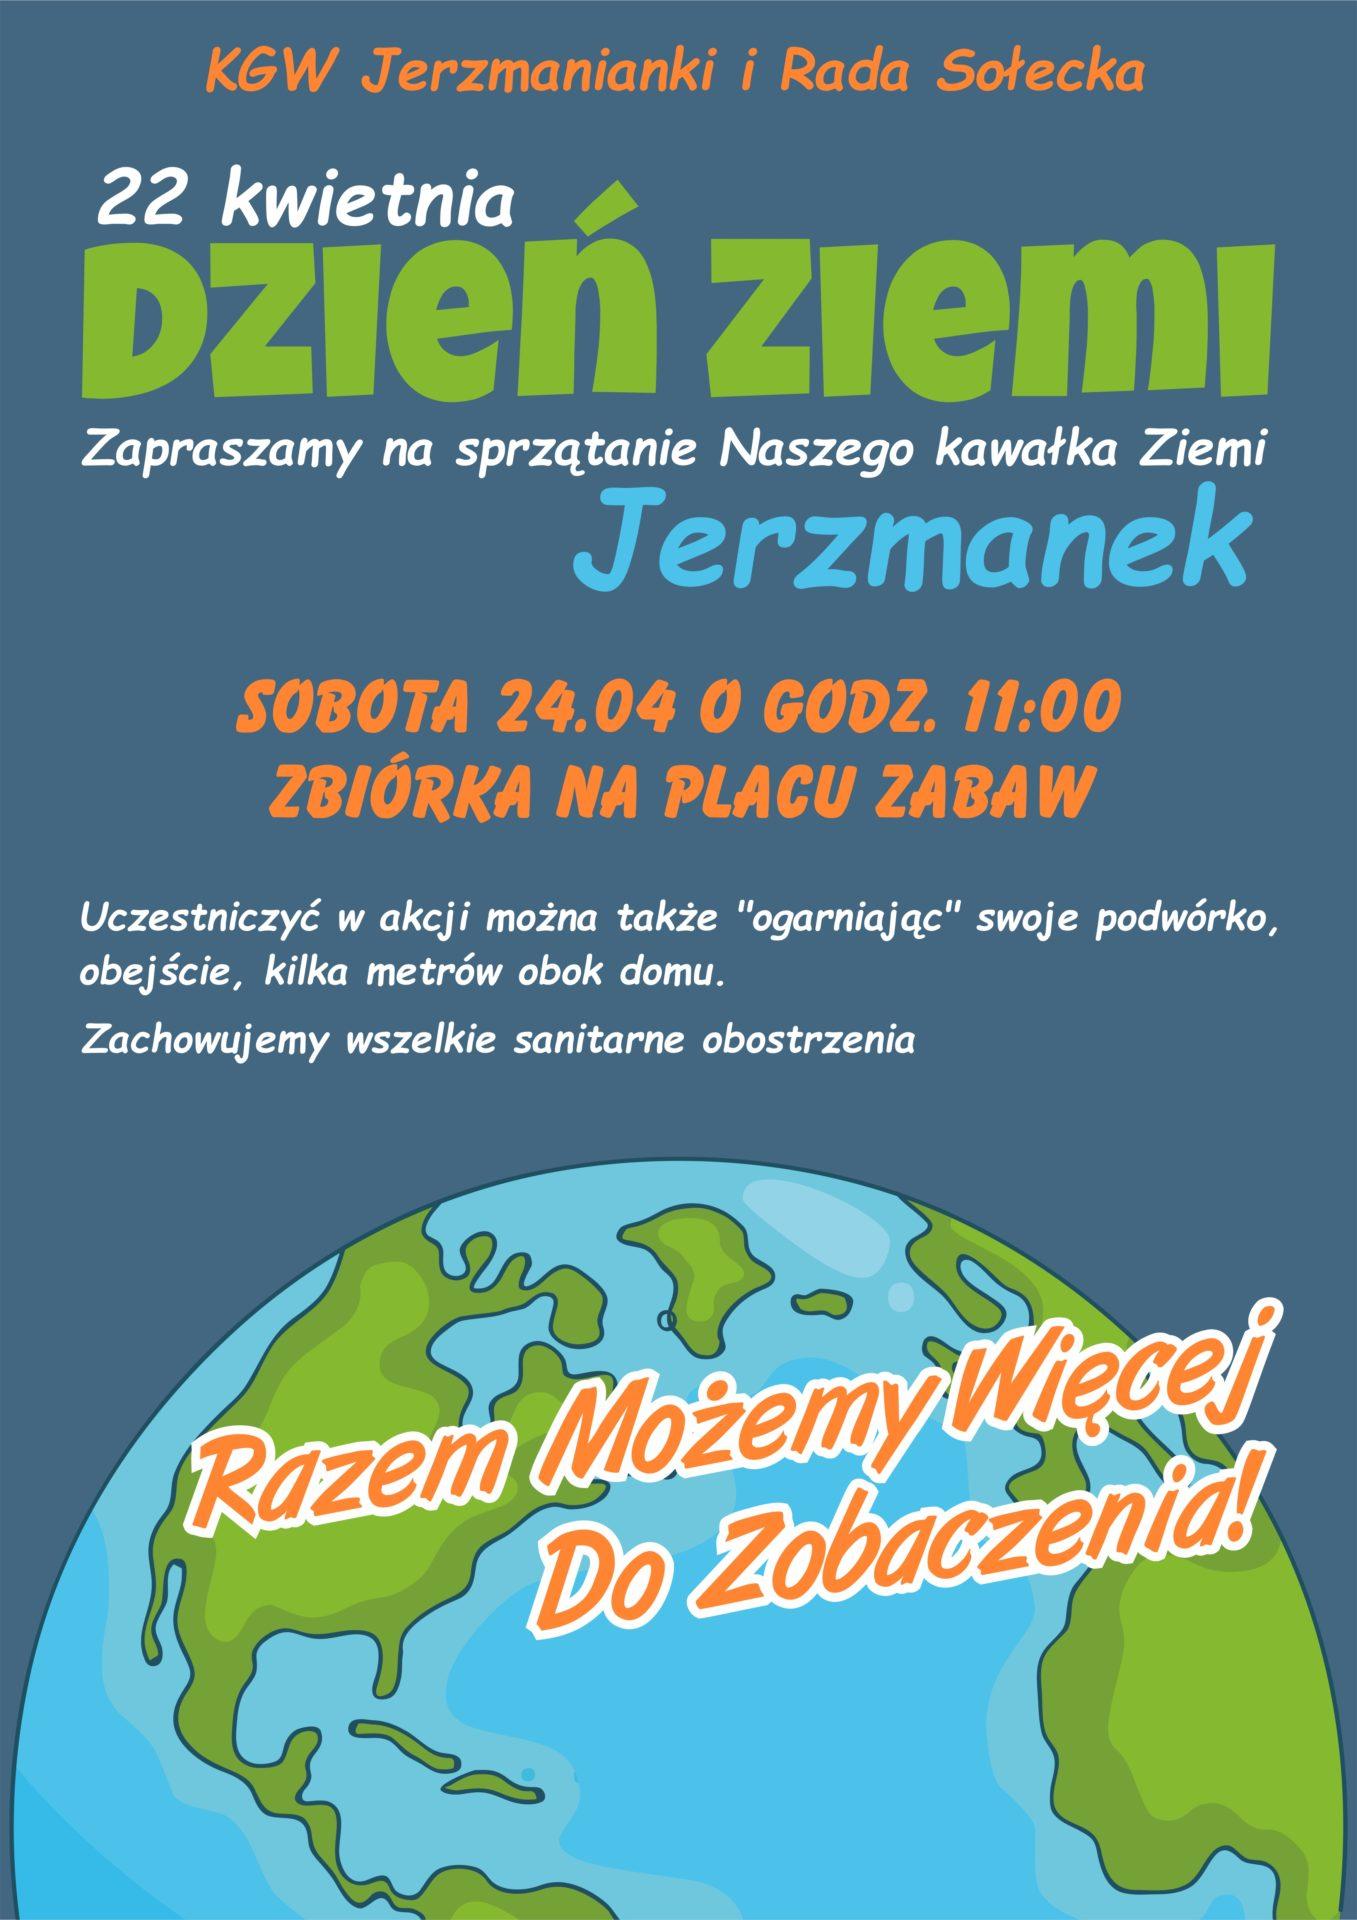 Sprzątanie Świata w Jerzmankach